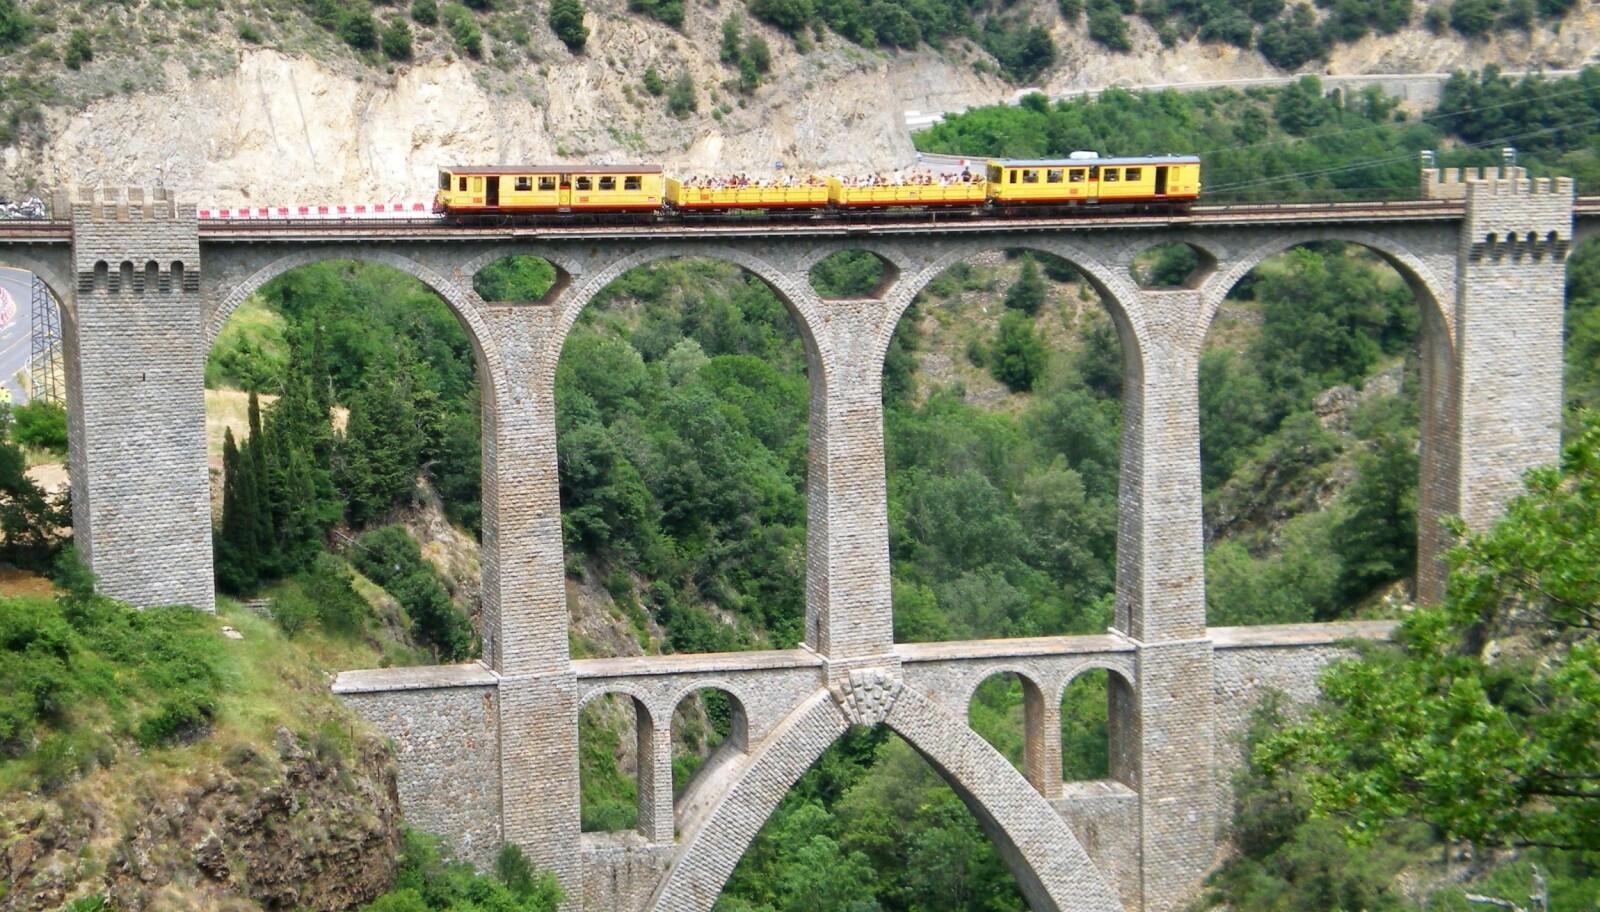 <b>VIADUKT:</b> Séjourné-viadukten er blant de flotteste konstruksjonene på Train Jaune-banen.